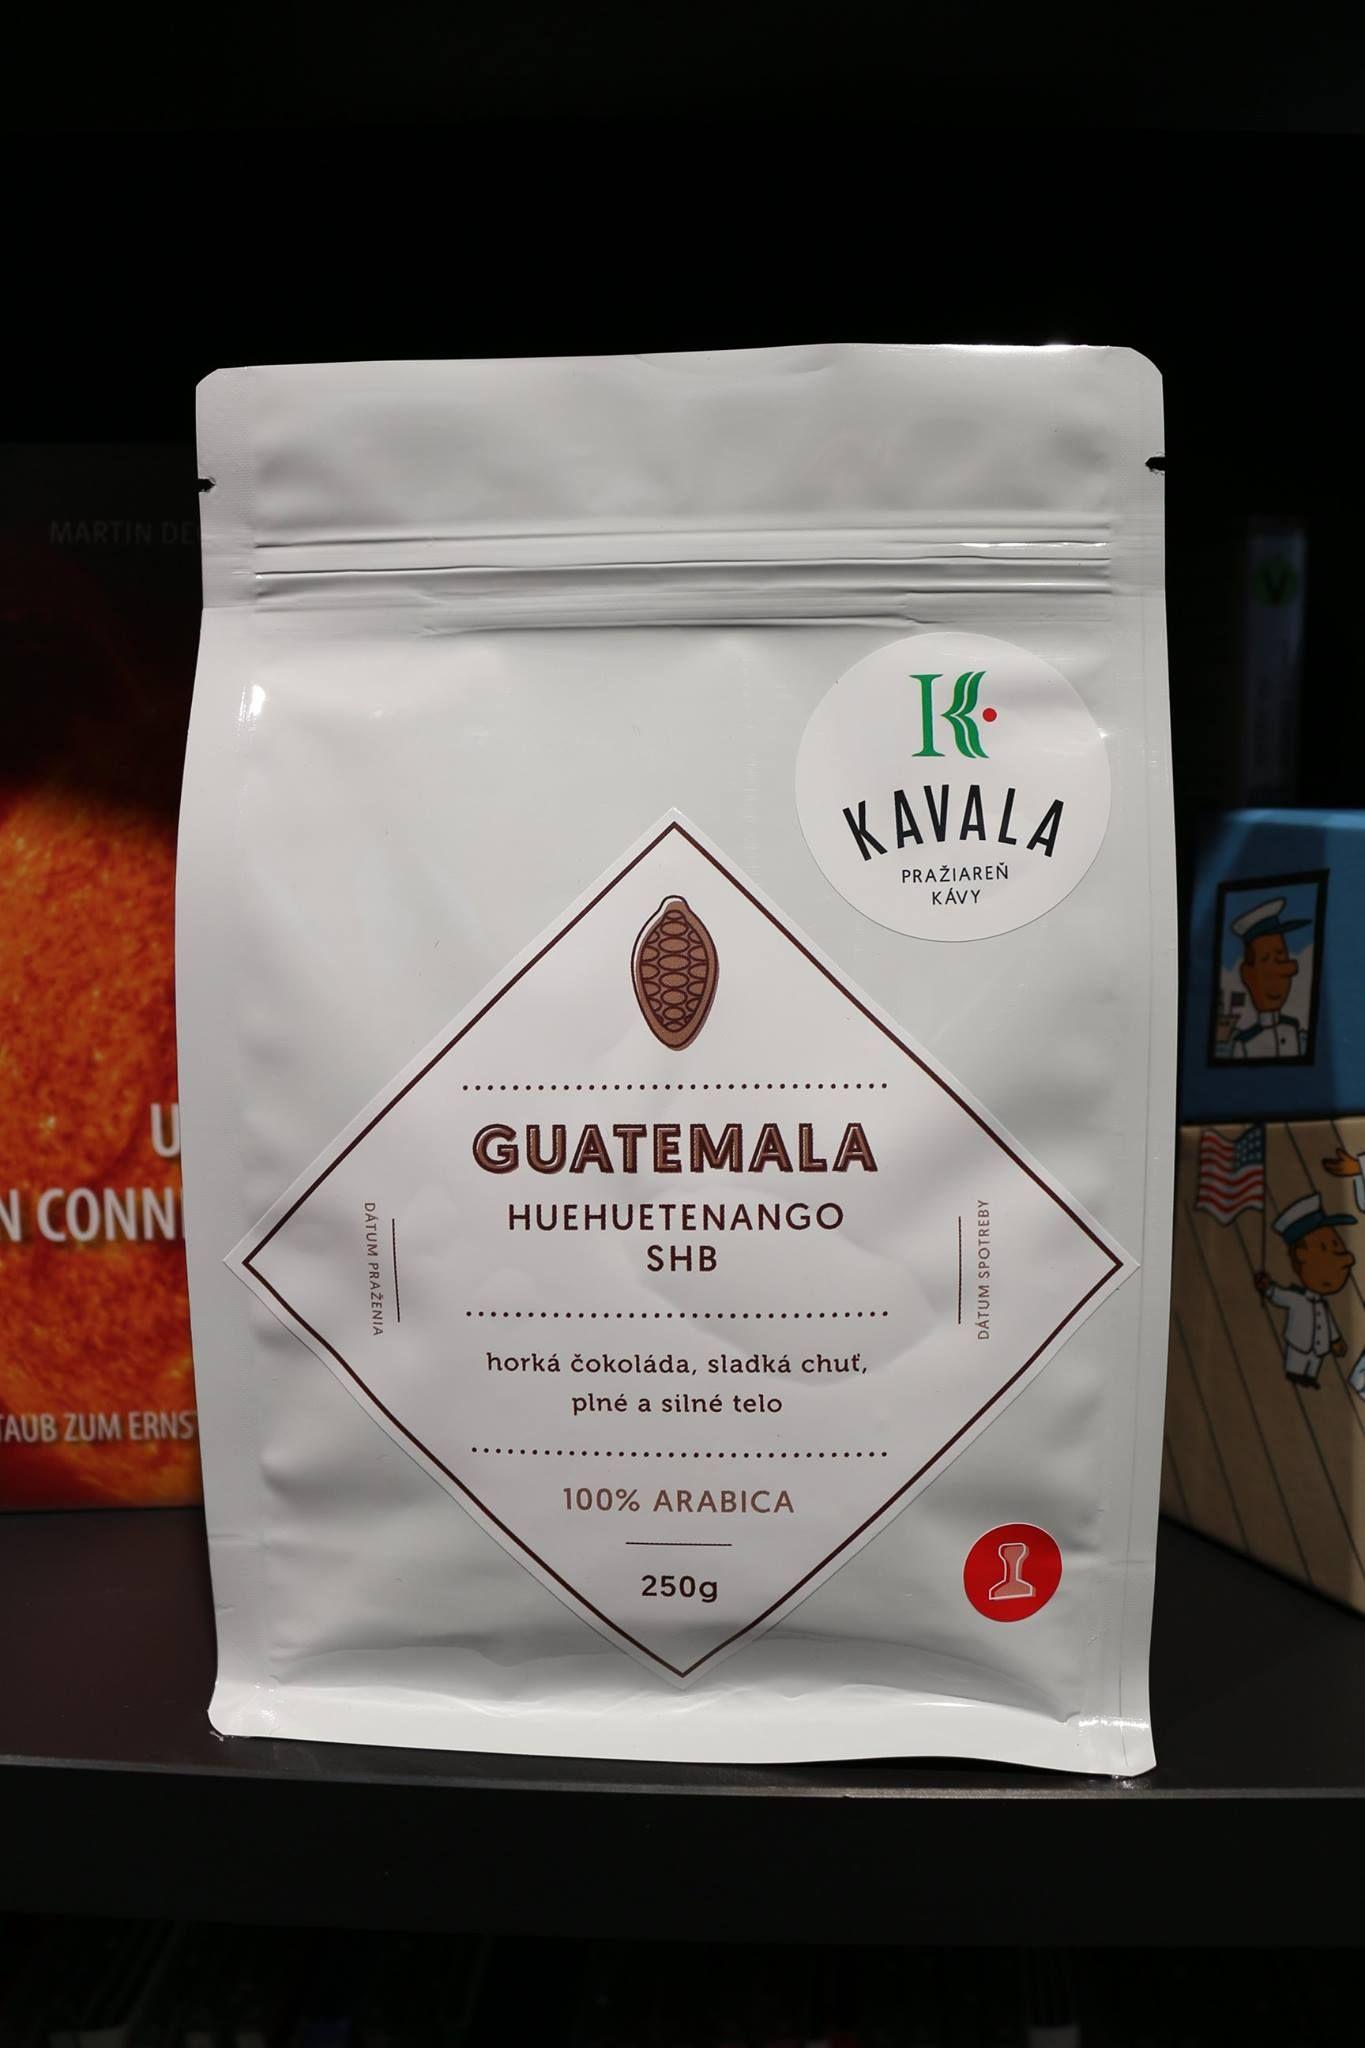 GUATEMALA - HUEHUETENANGO SHB (farma) Pôvod kávy zo strednej ameriky v oblasti Huehuetenango. Horký čokoláda, sladká chuť, plné a silné telo. Zber 2014 / 2015. Odroda Caturra, Pache. Spracovanie mokré (Washed).